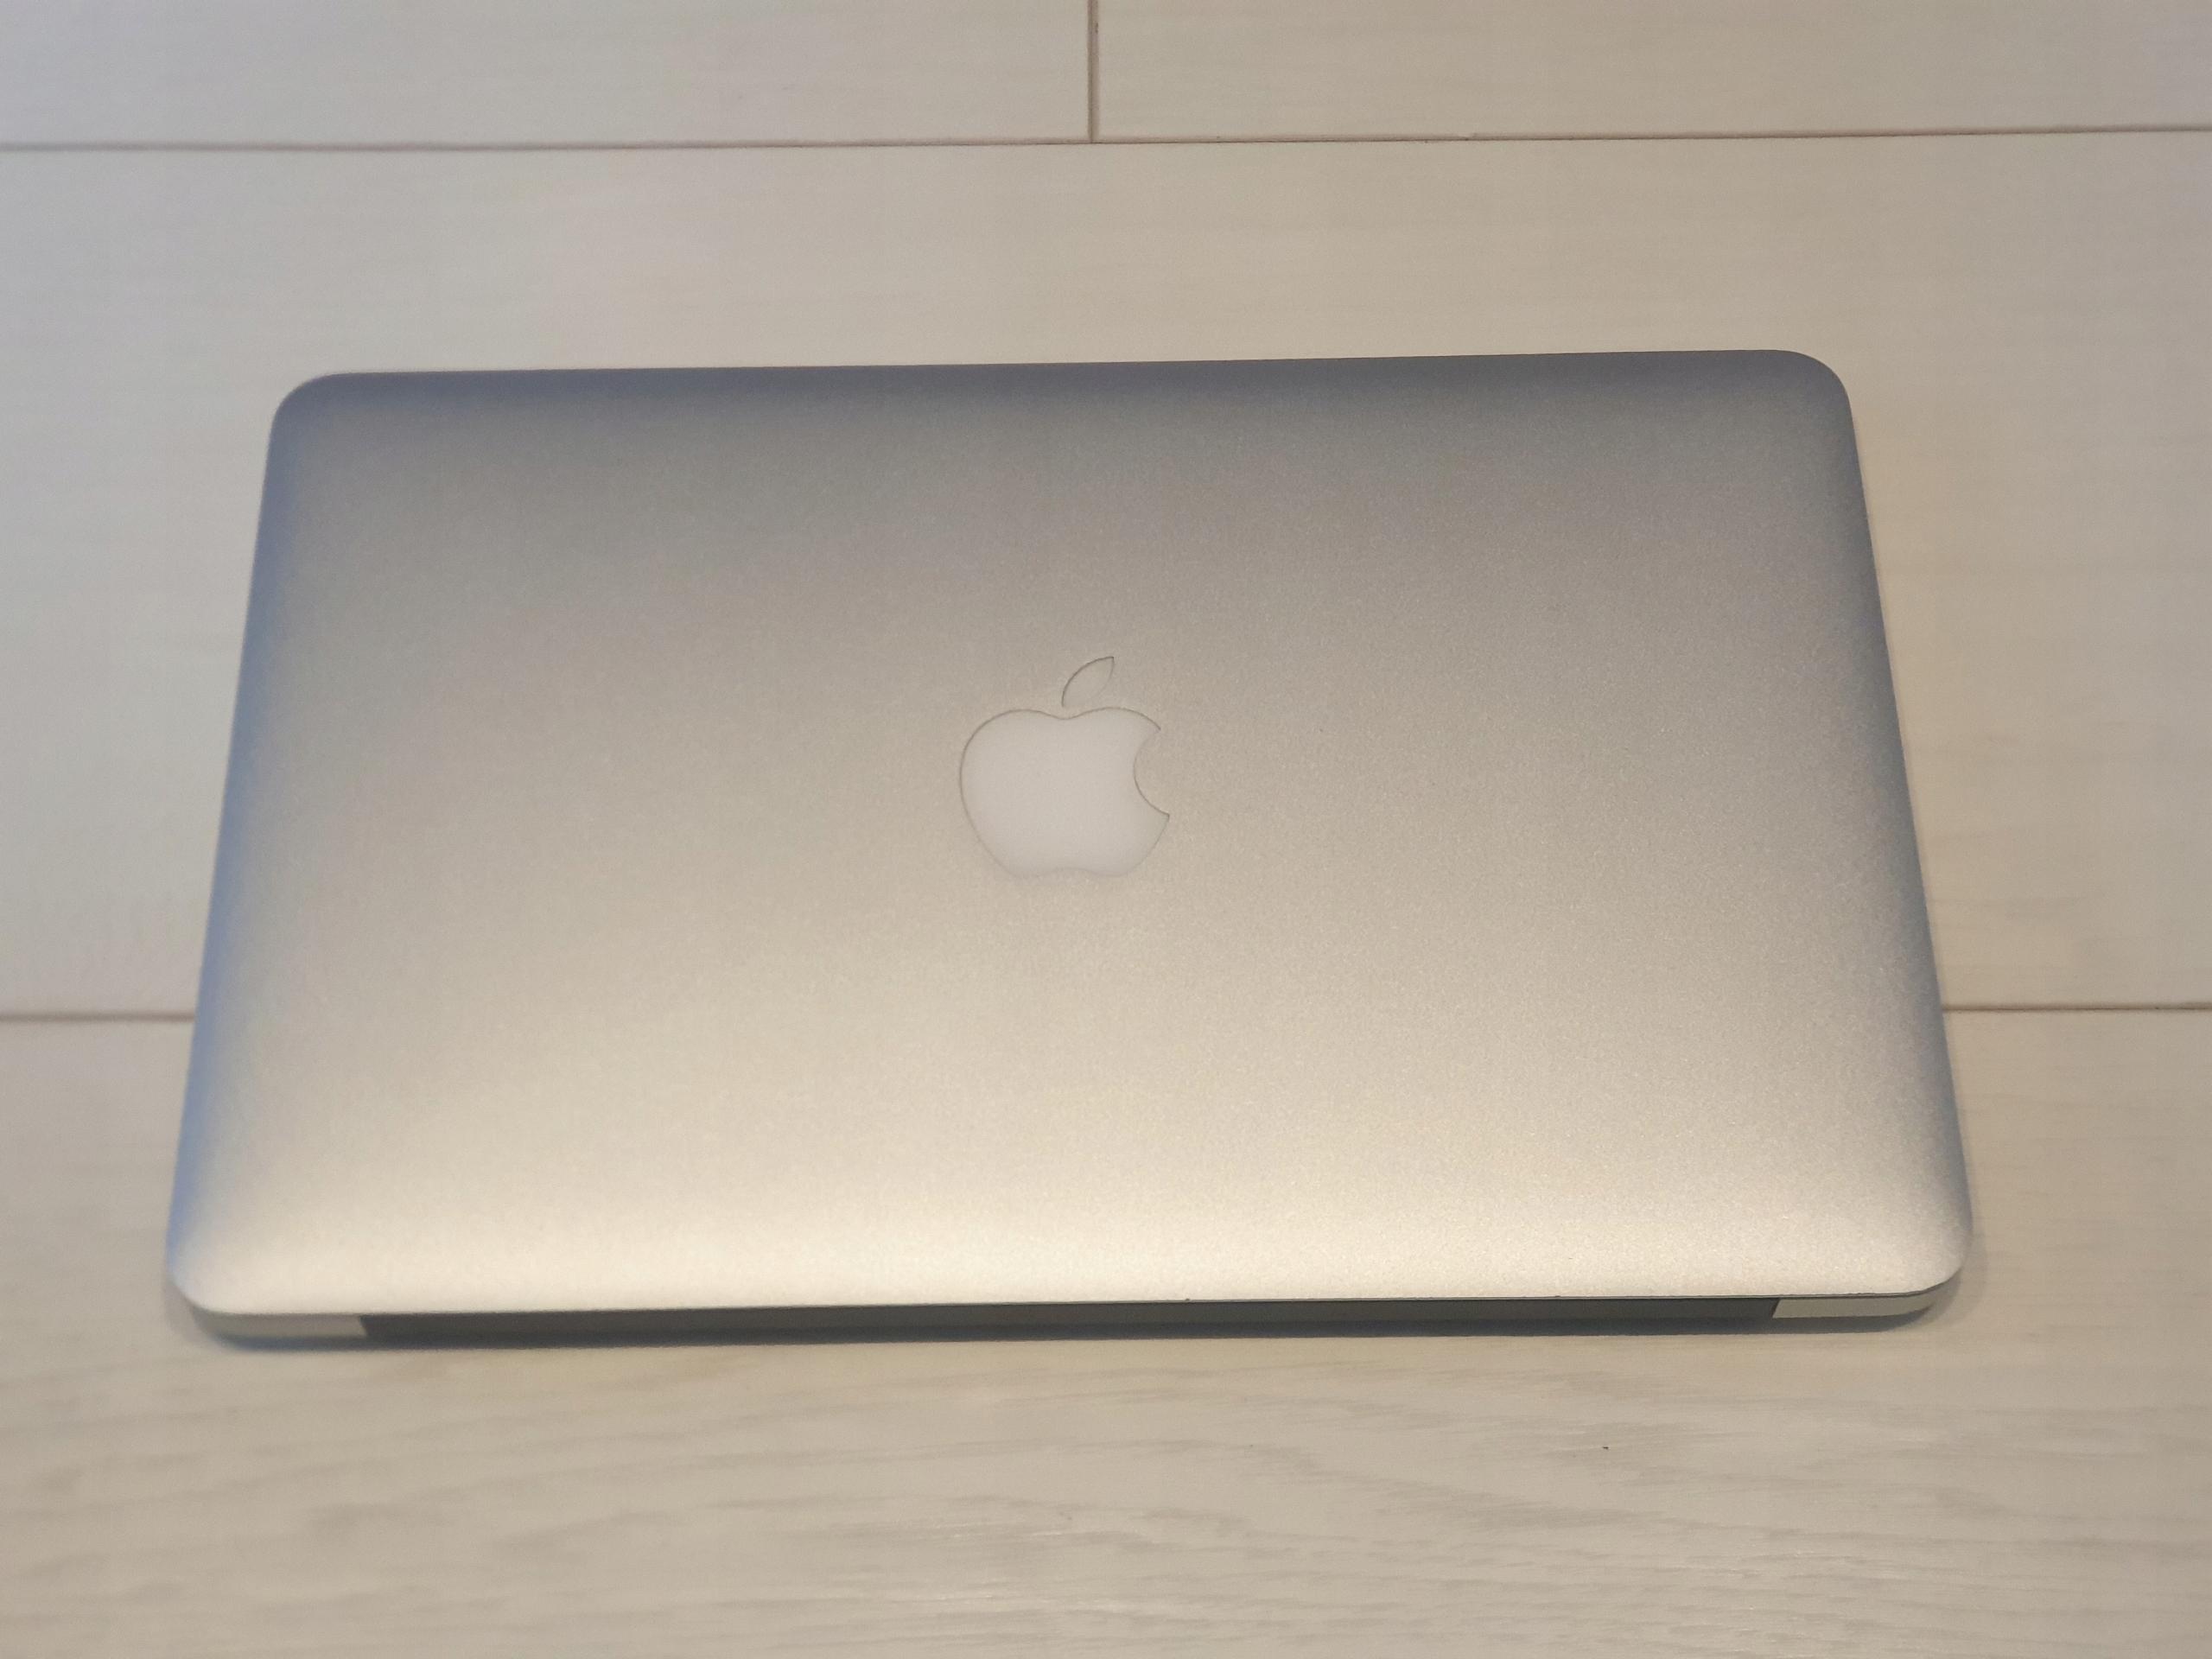 Apple MacBook AIR 11 A1465 i5 4gb 128gb SSD